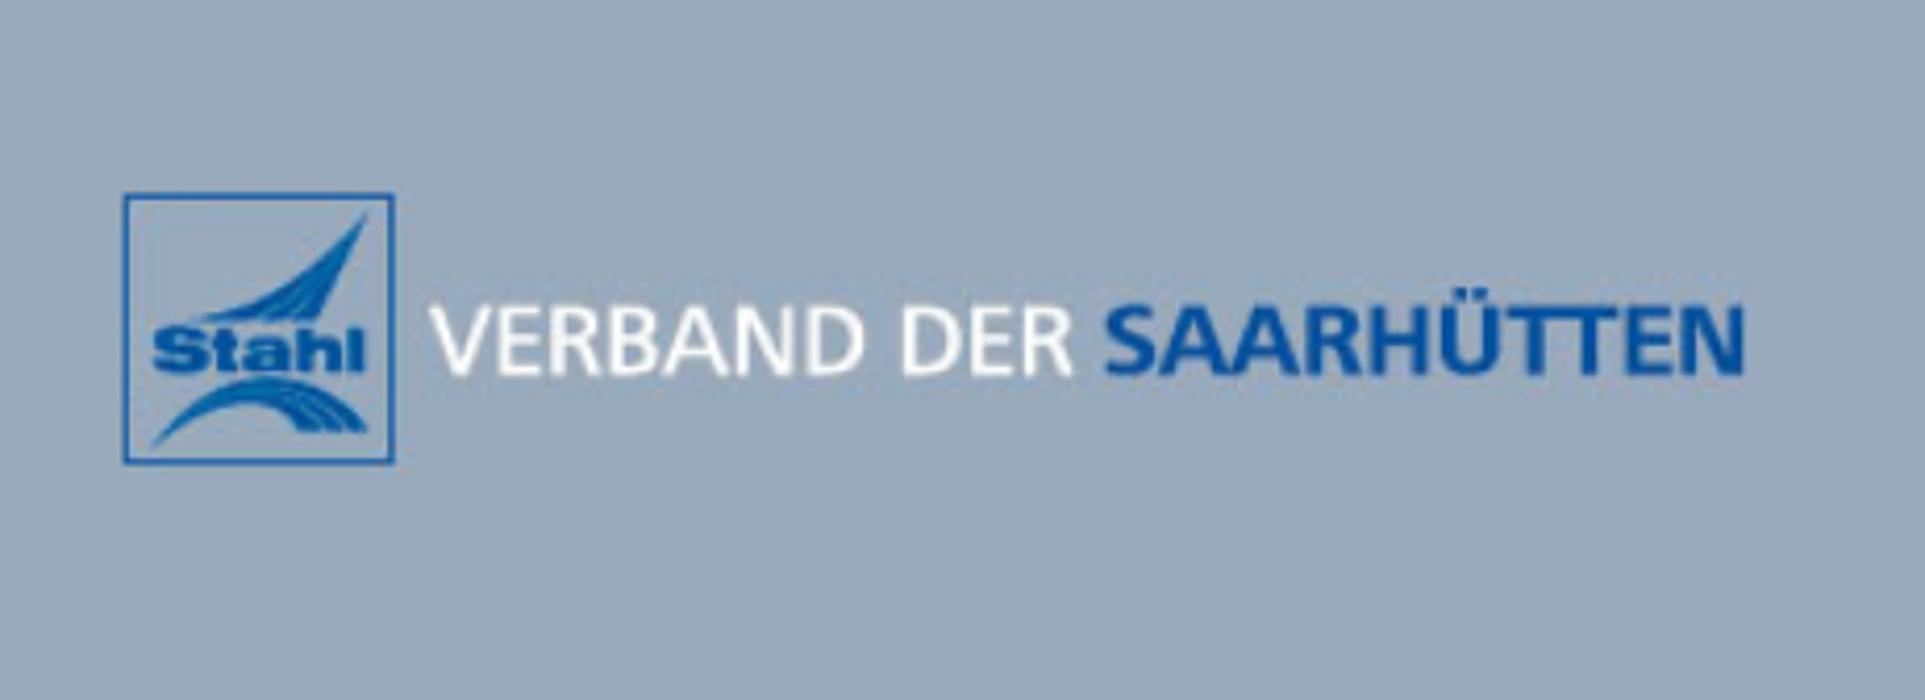 Bild zu Verband der Saarhütten in Saarbrücken